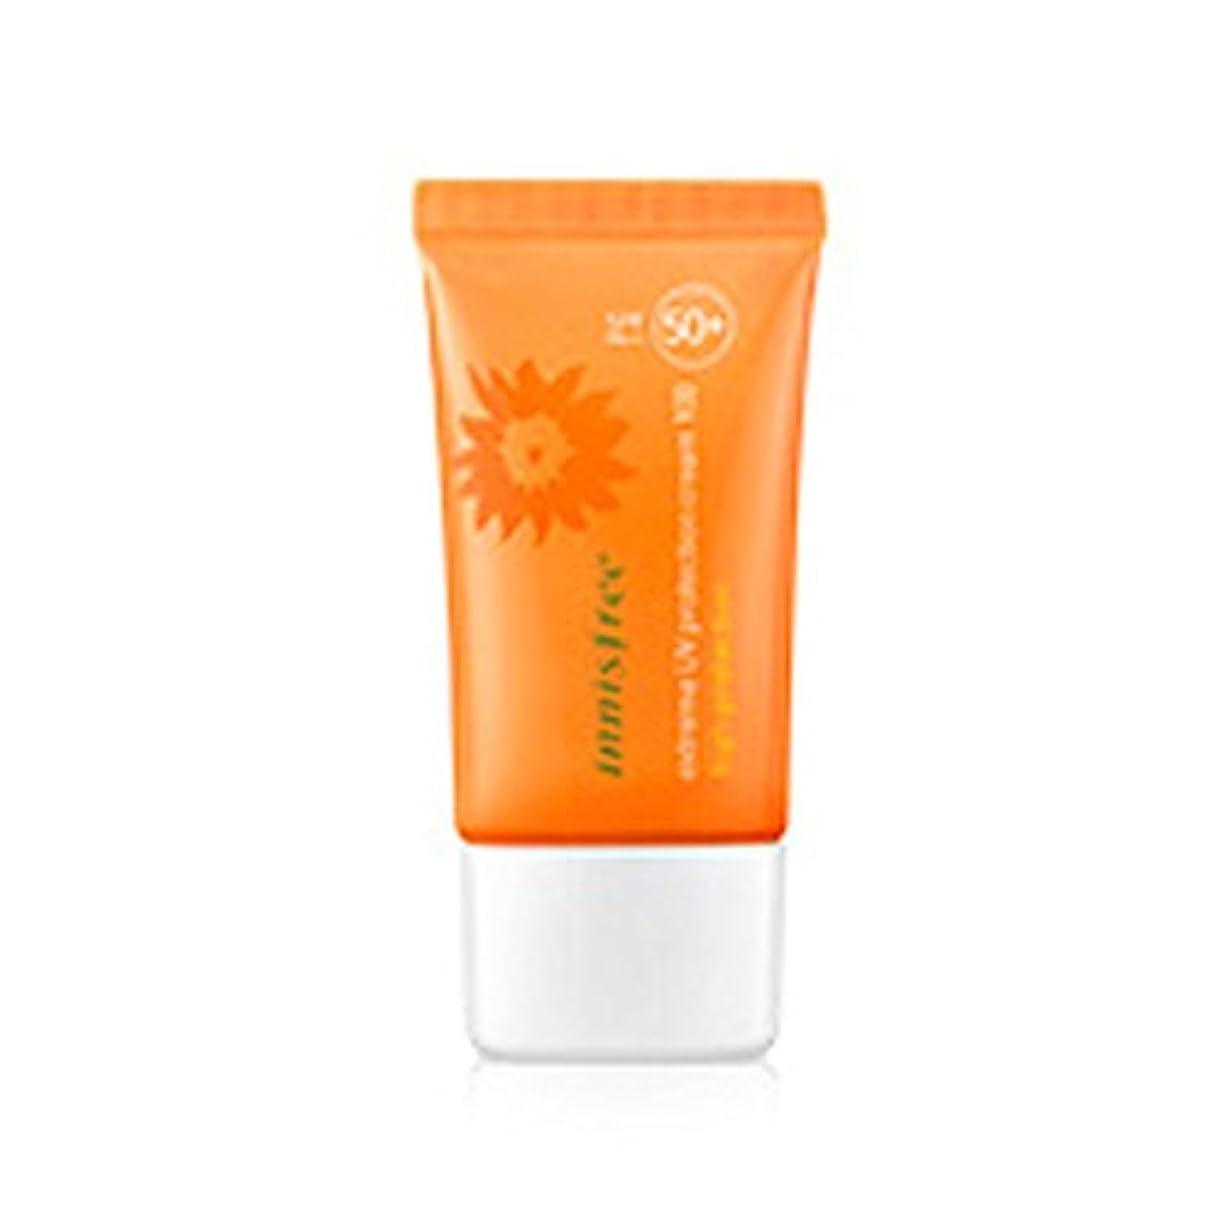 スポーツをする美徳機関イニスフリーエクストリームUVプロテクションクリーム100ハイプロテクション50ml   SPF50 + PA +++ Innisfree Extreme UV Protection Cream100 High Protection...